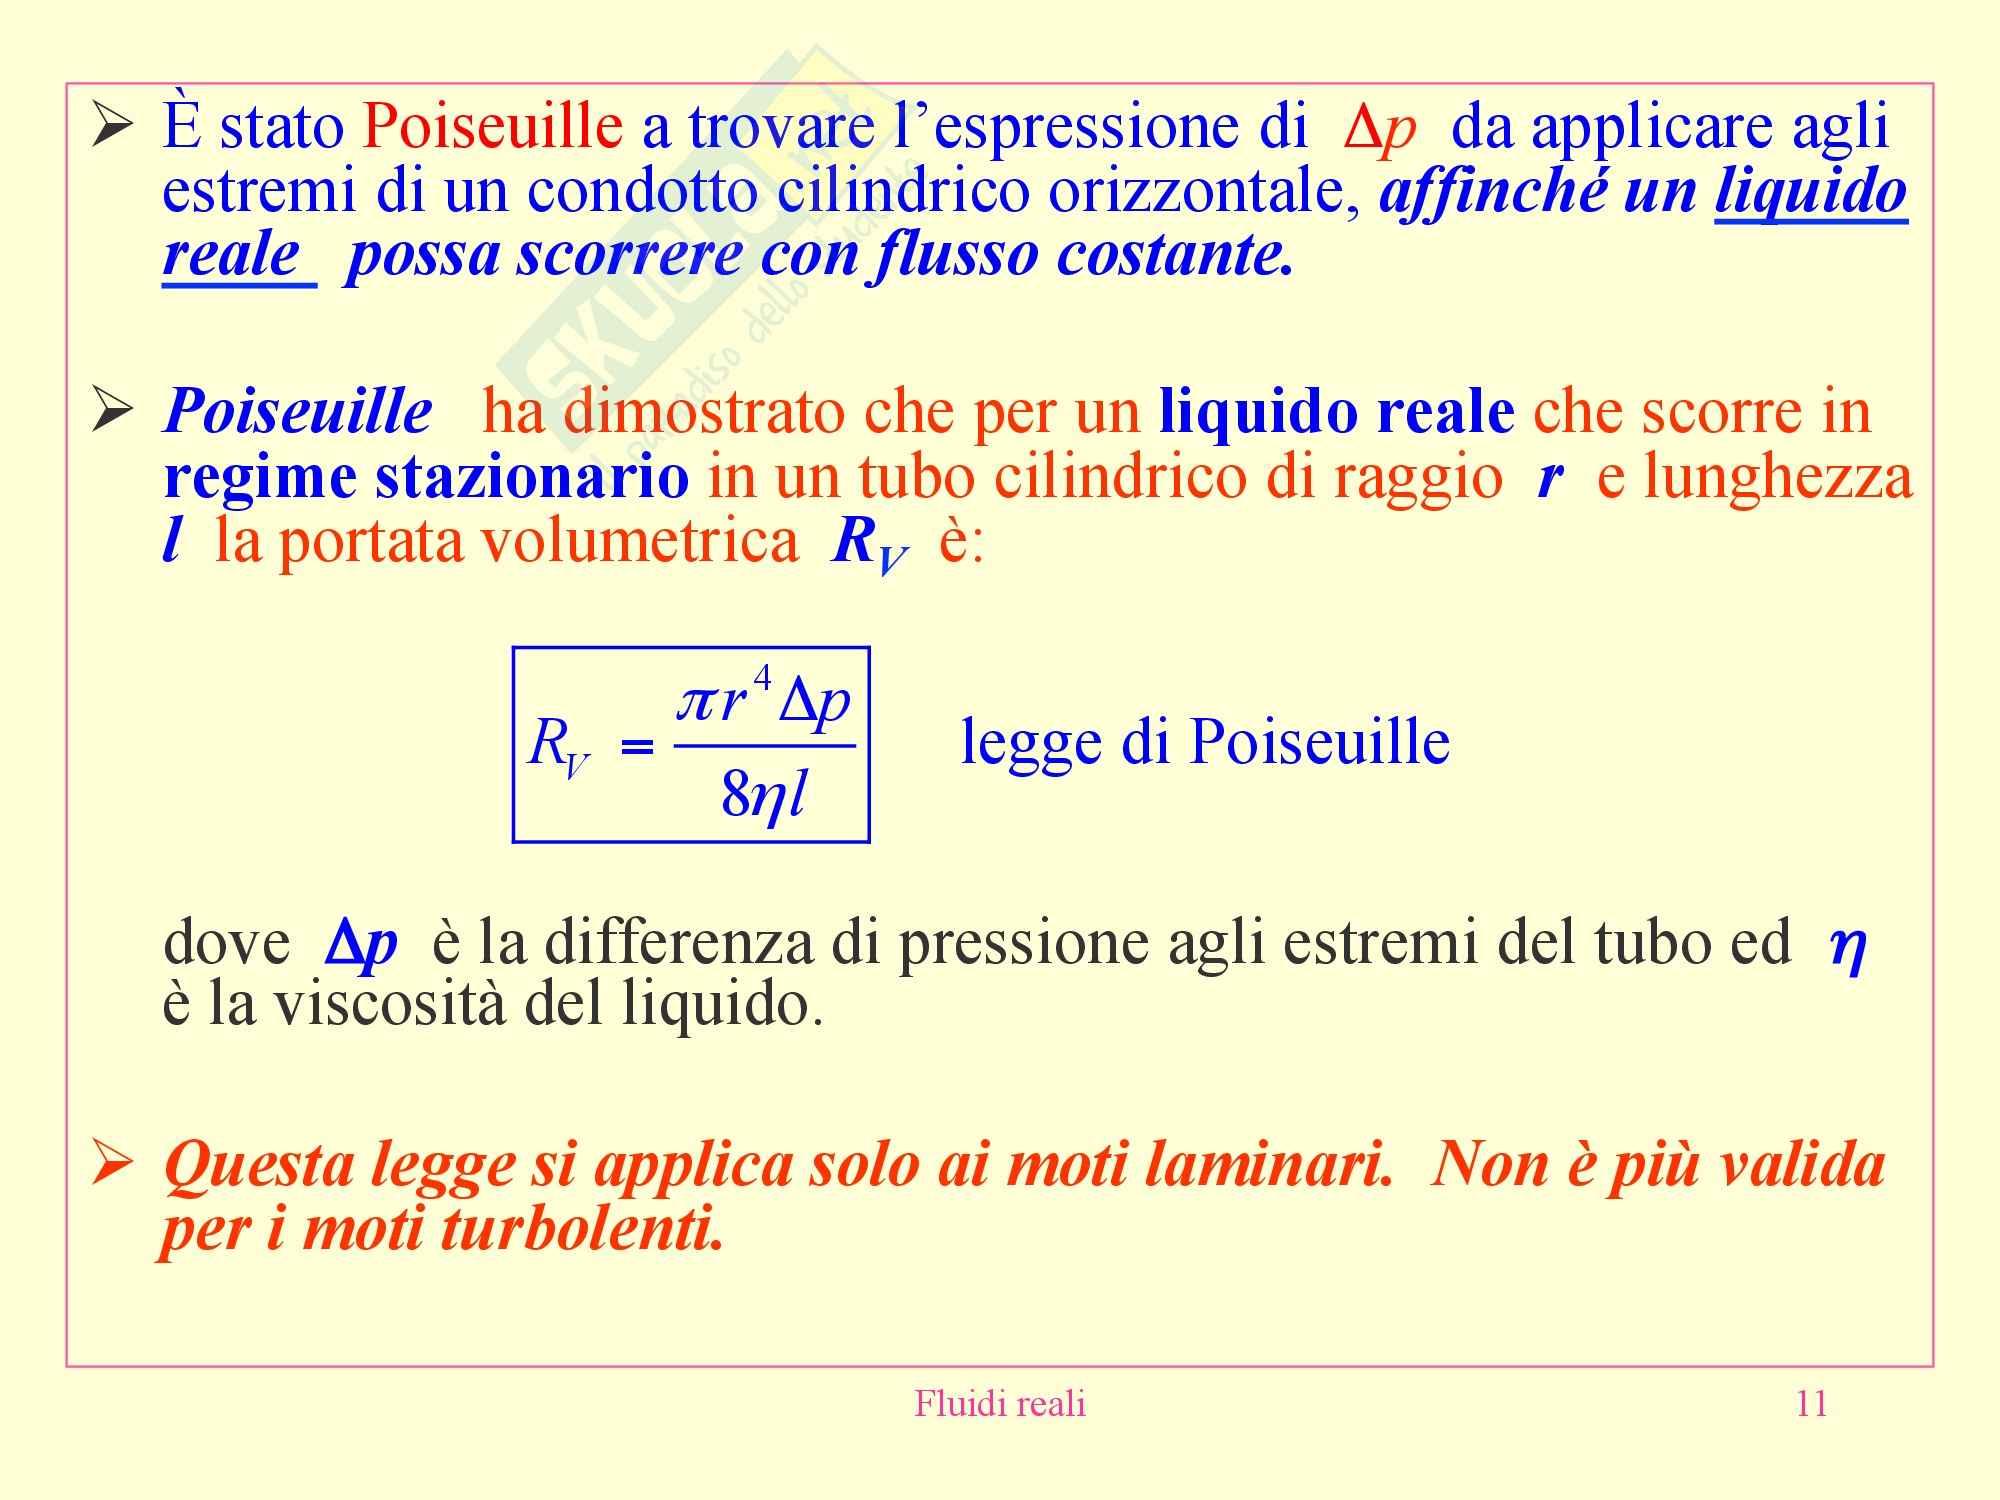 Fisica medica - fluidi reali Pag. 11